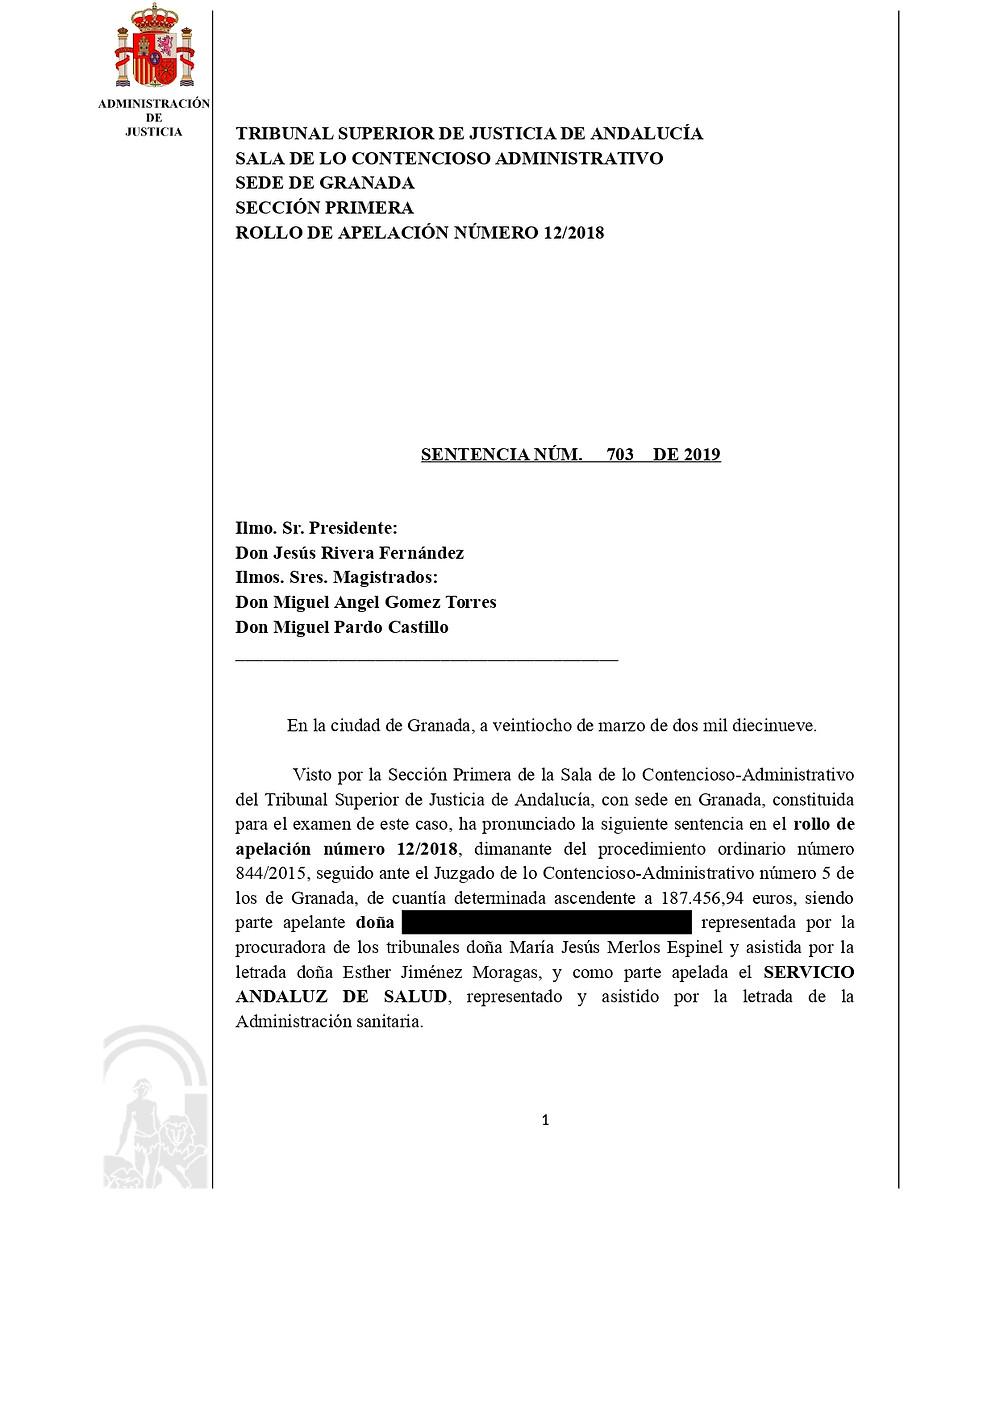 sentencia condena negligencia medica por error diagnostico